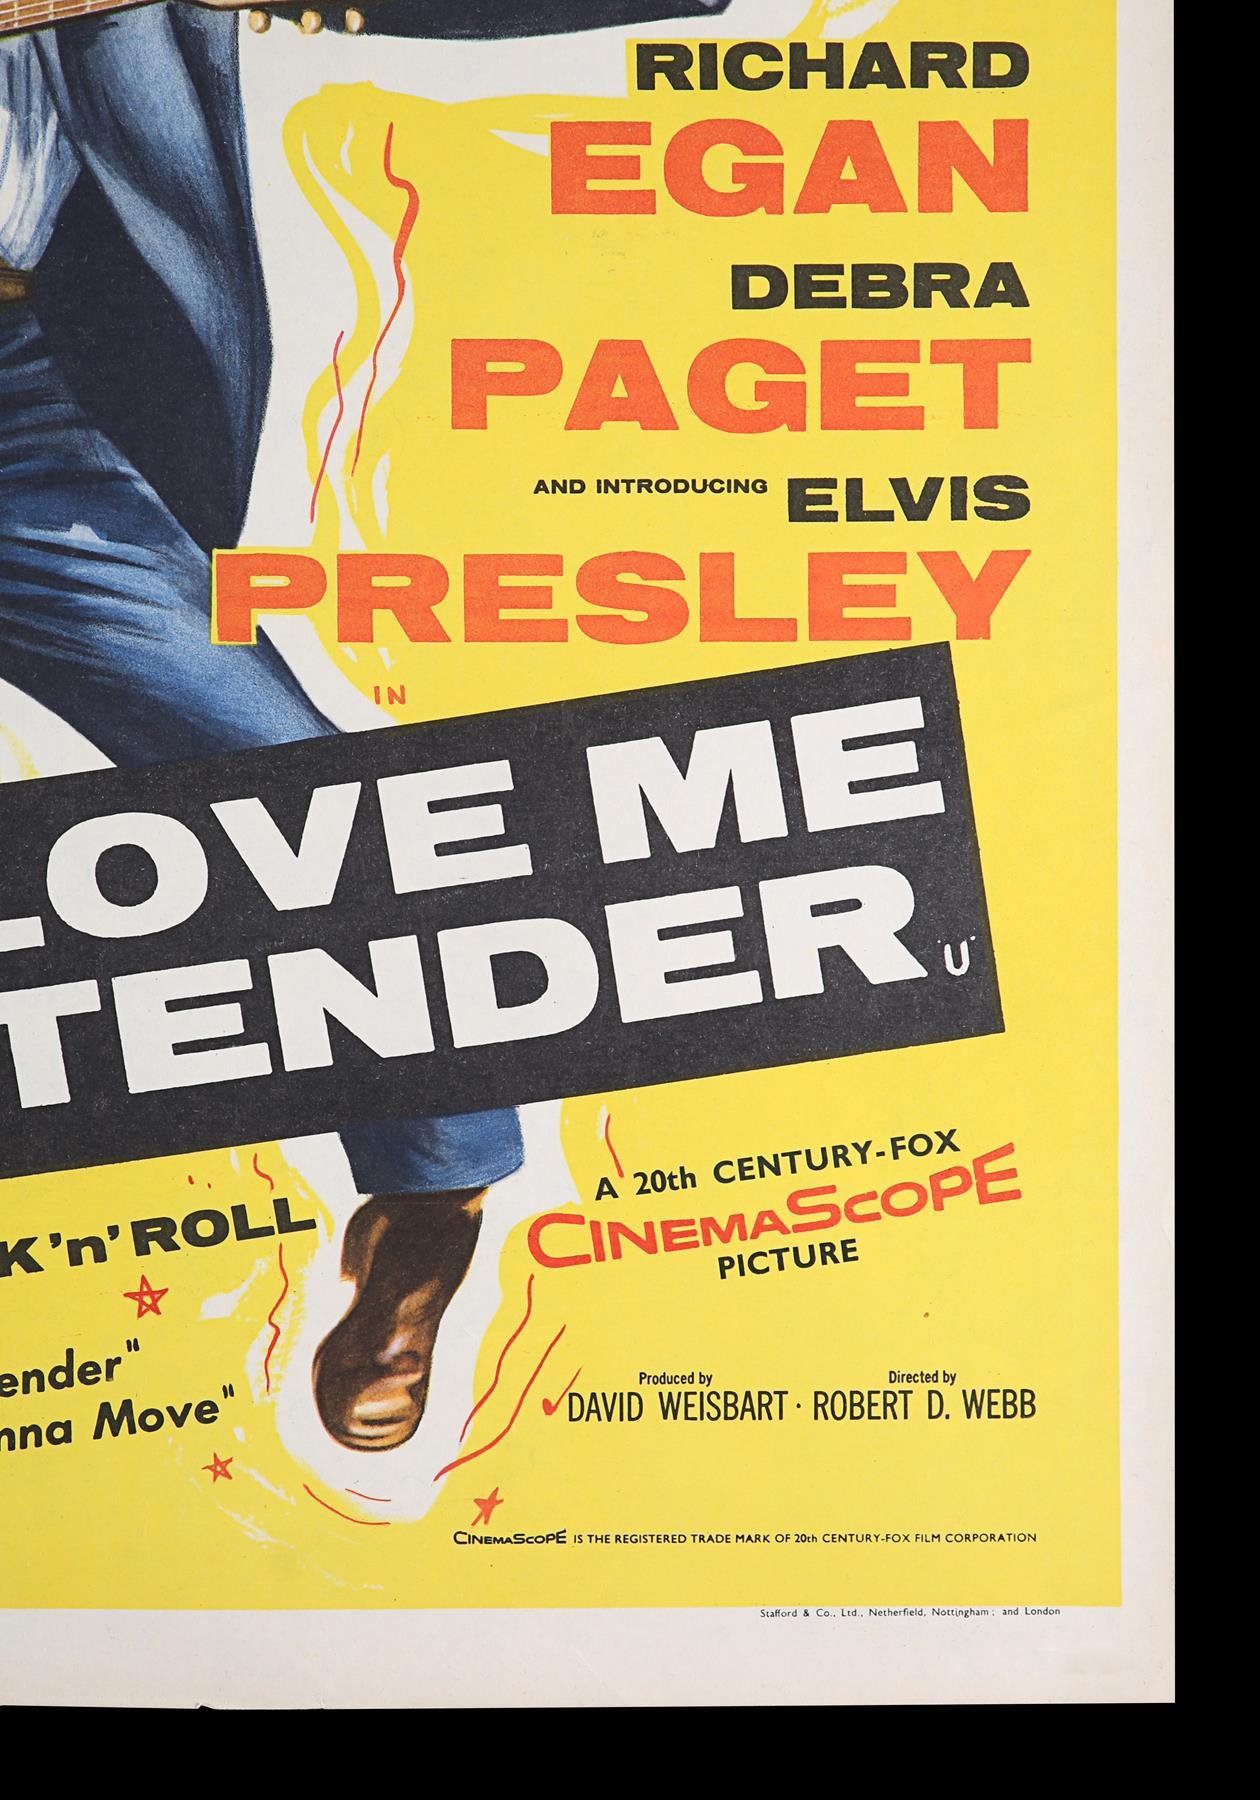 LOVE ME TENDER (1956) - UK Double Crown, 1956 - Image 4 of 6